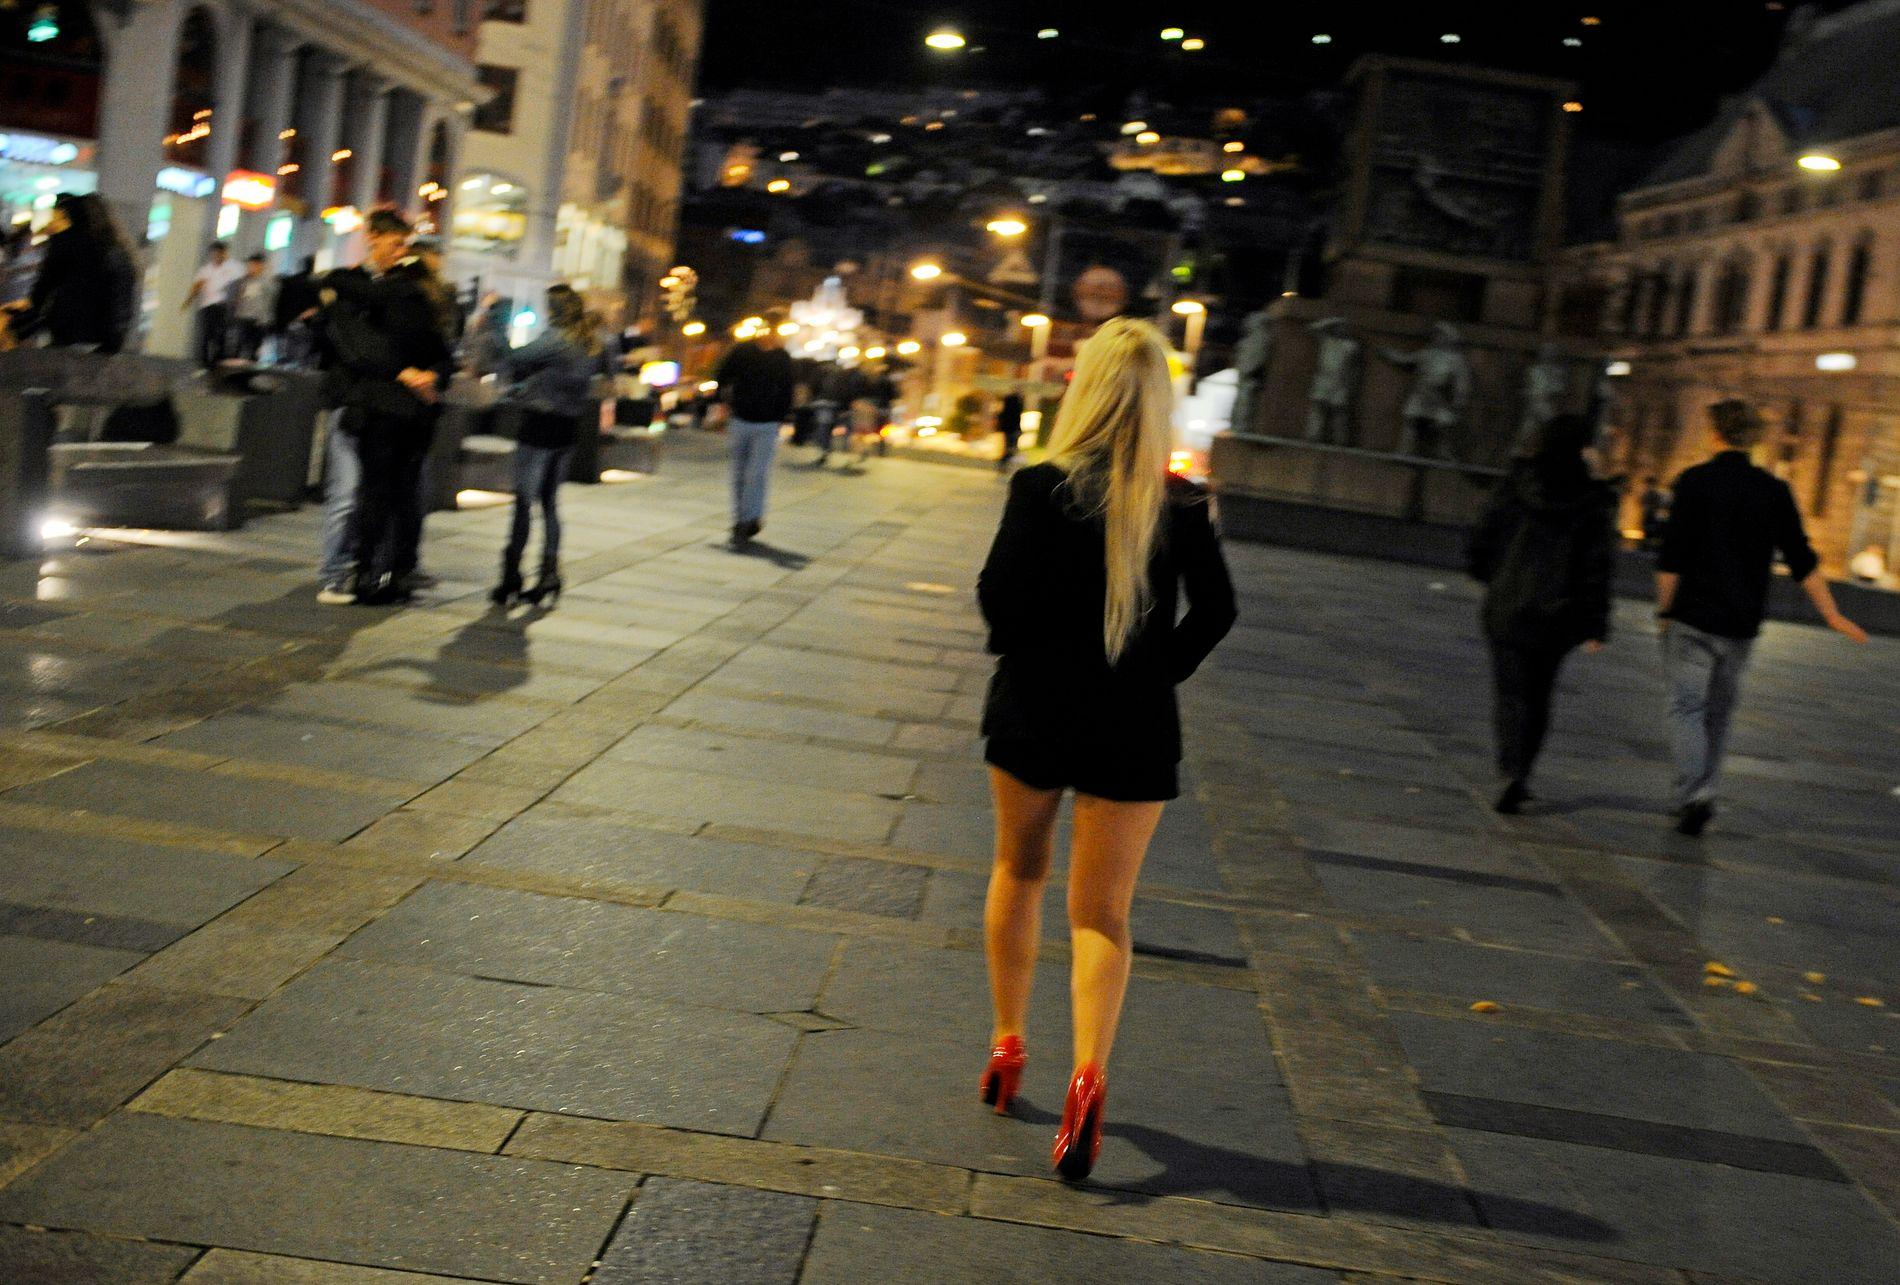 LETTKLEDD: Noen er fortsatt dessverre av den oppfatning at kvinner har seg selv å skylde hvis de går lettkledd, drikker seg overstadig beruset, eller blir med en mann hjem, skriver Erika Eidslott.